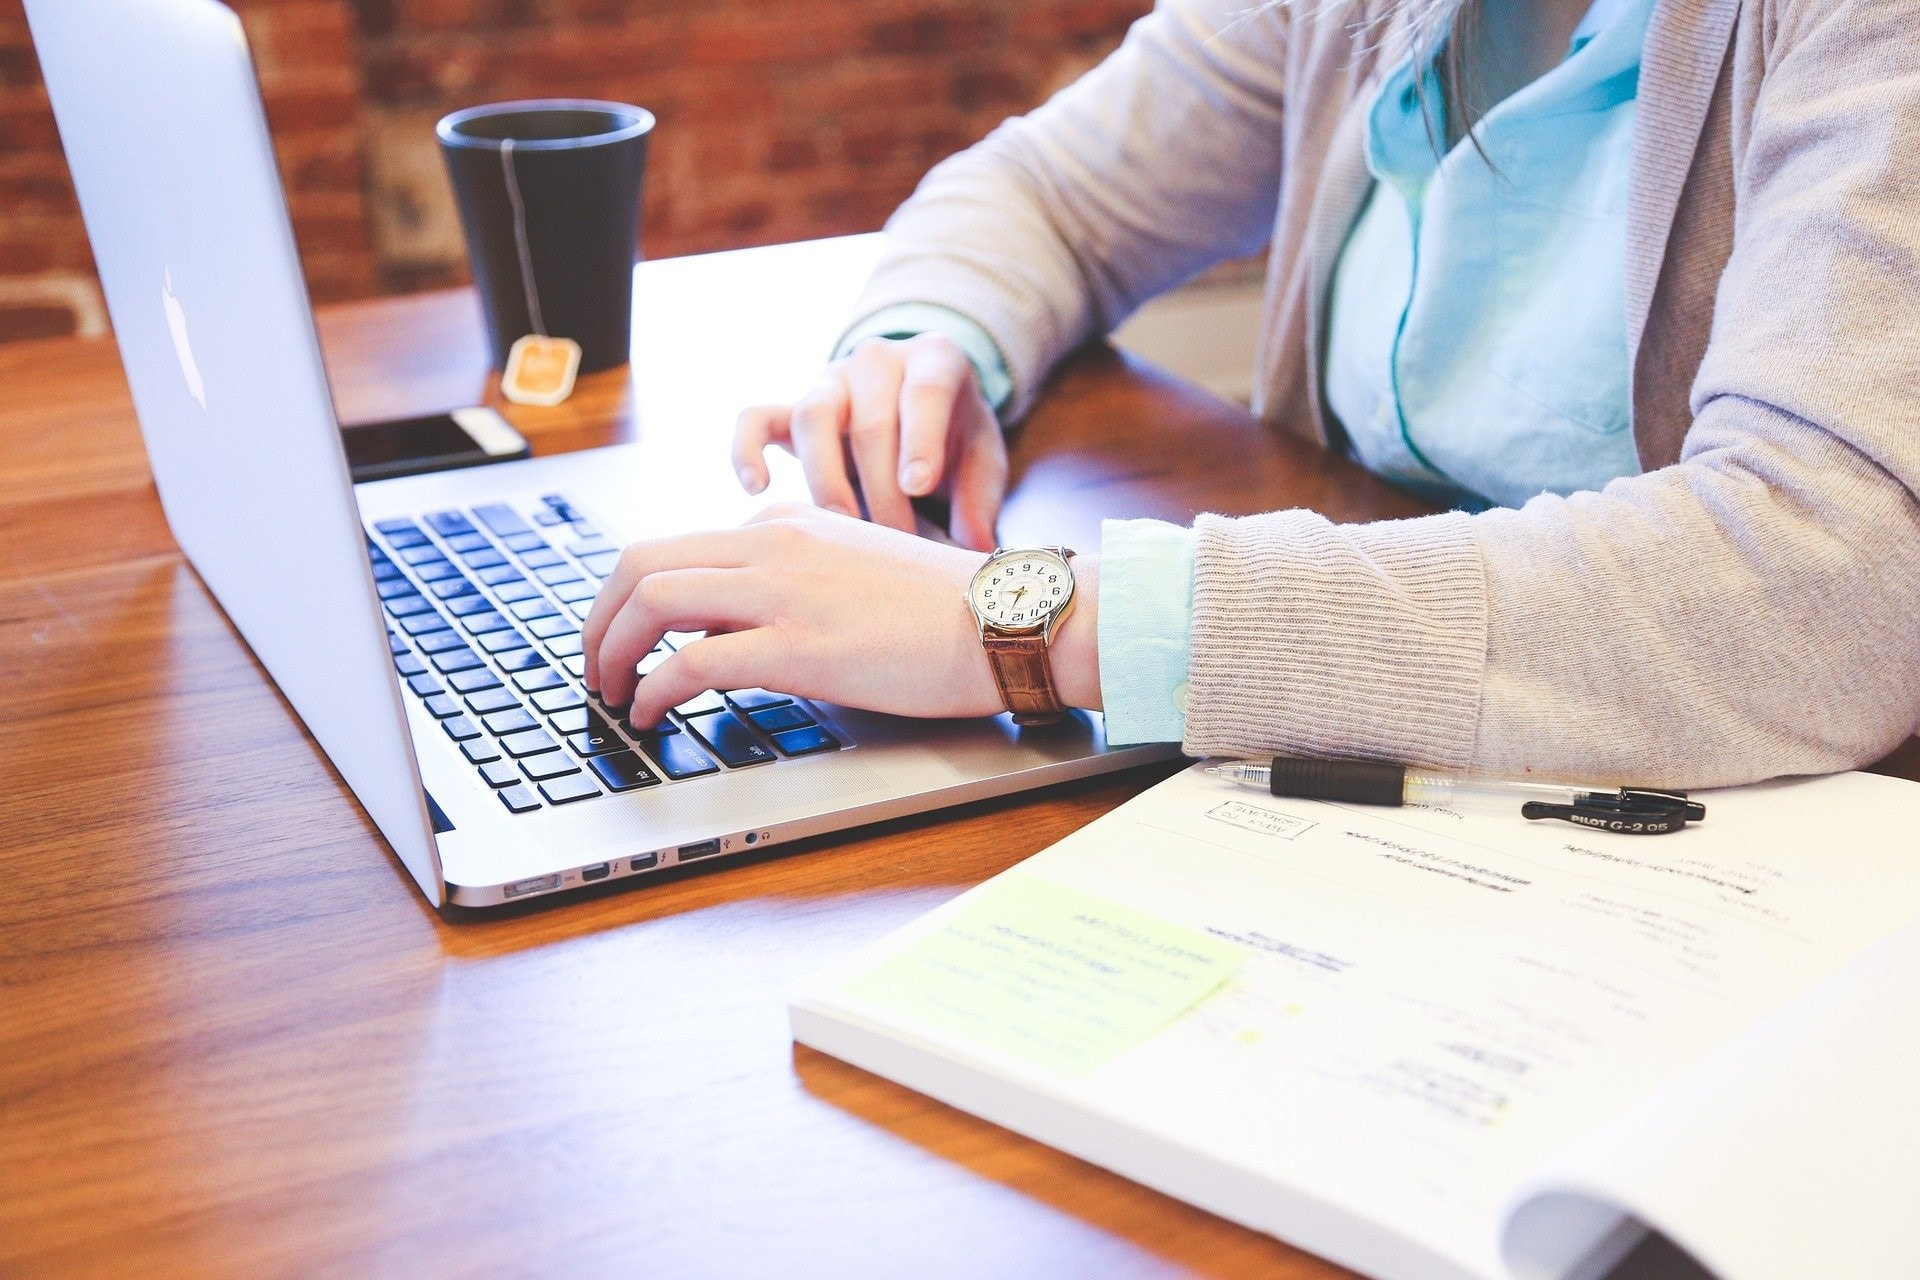 電子契約書の書き方と必ず注意しなければいけない事項